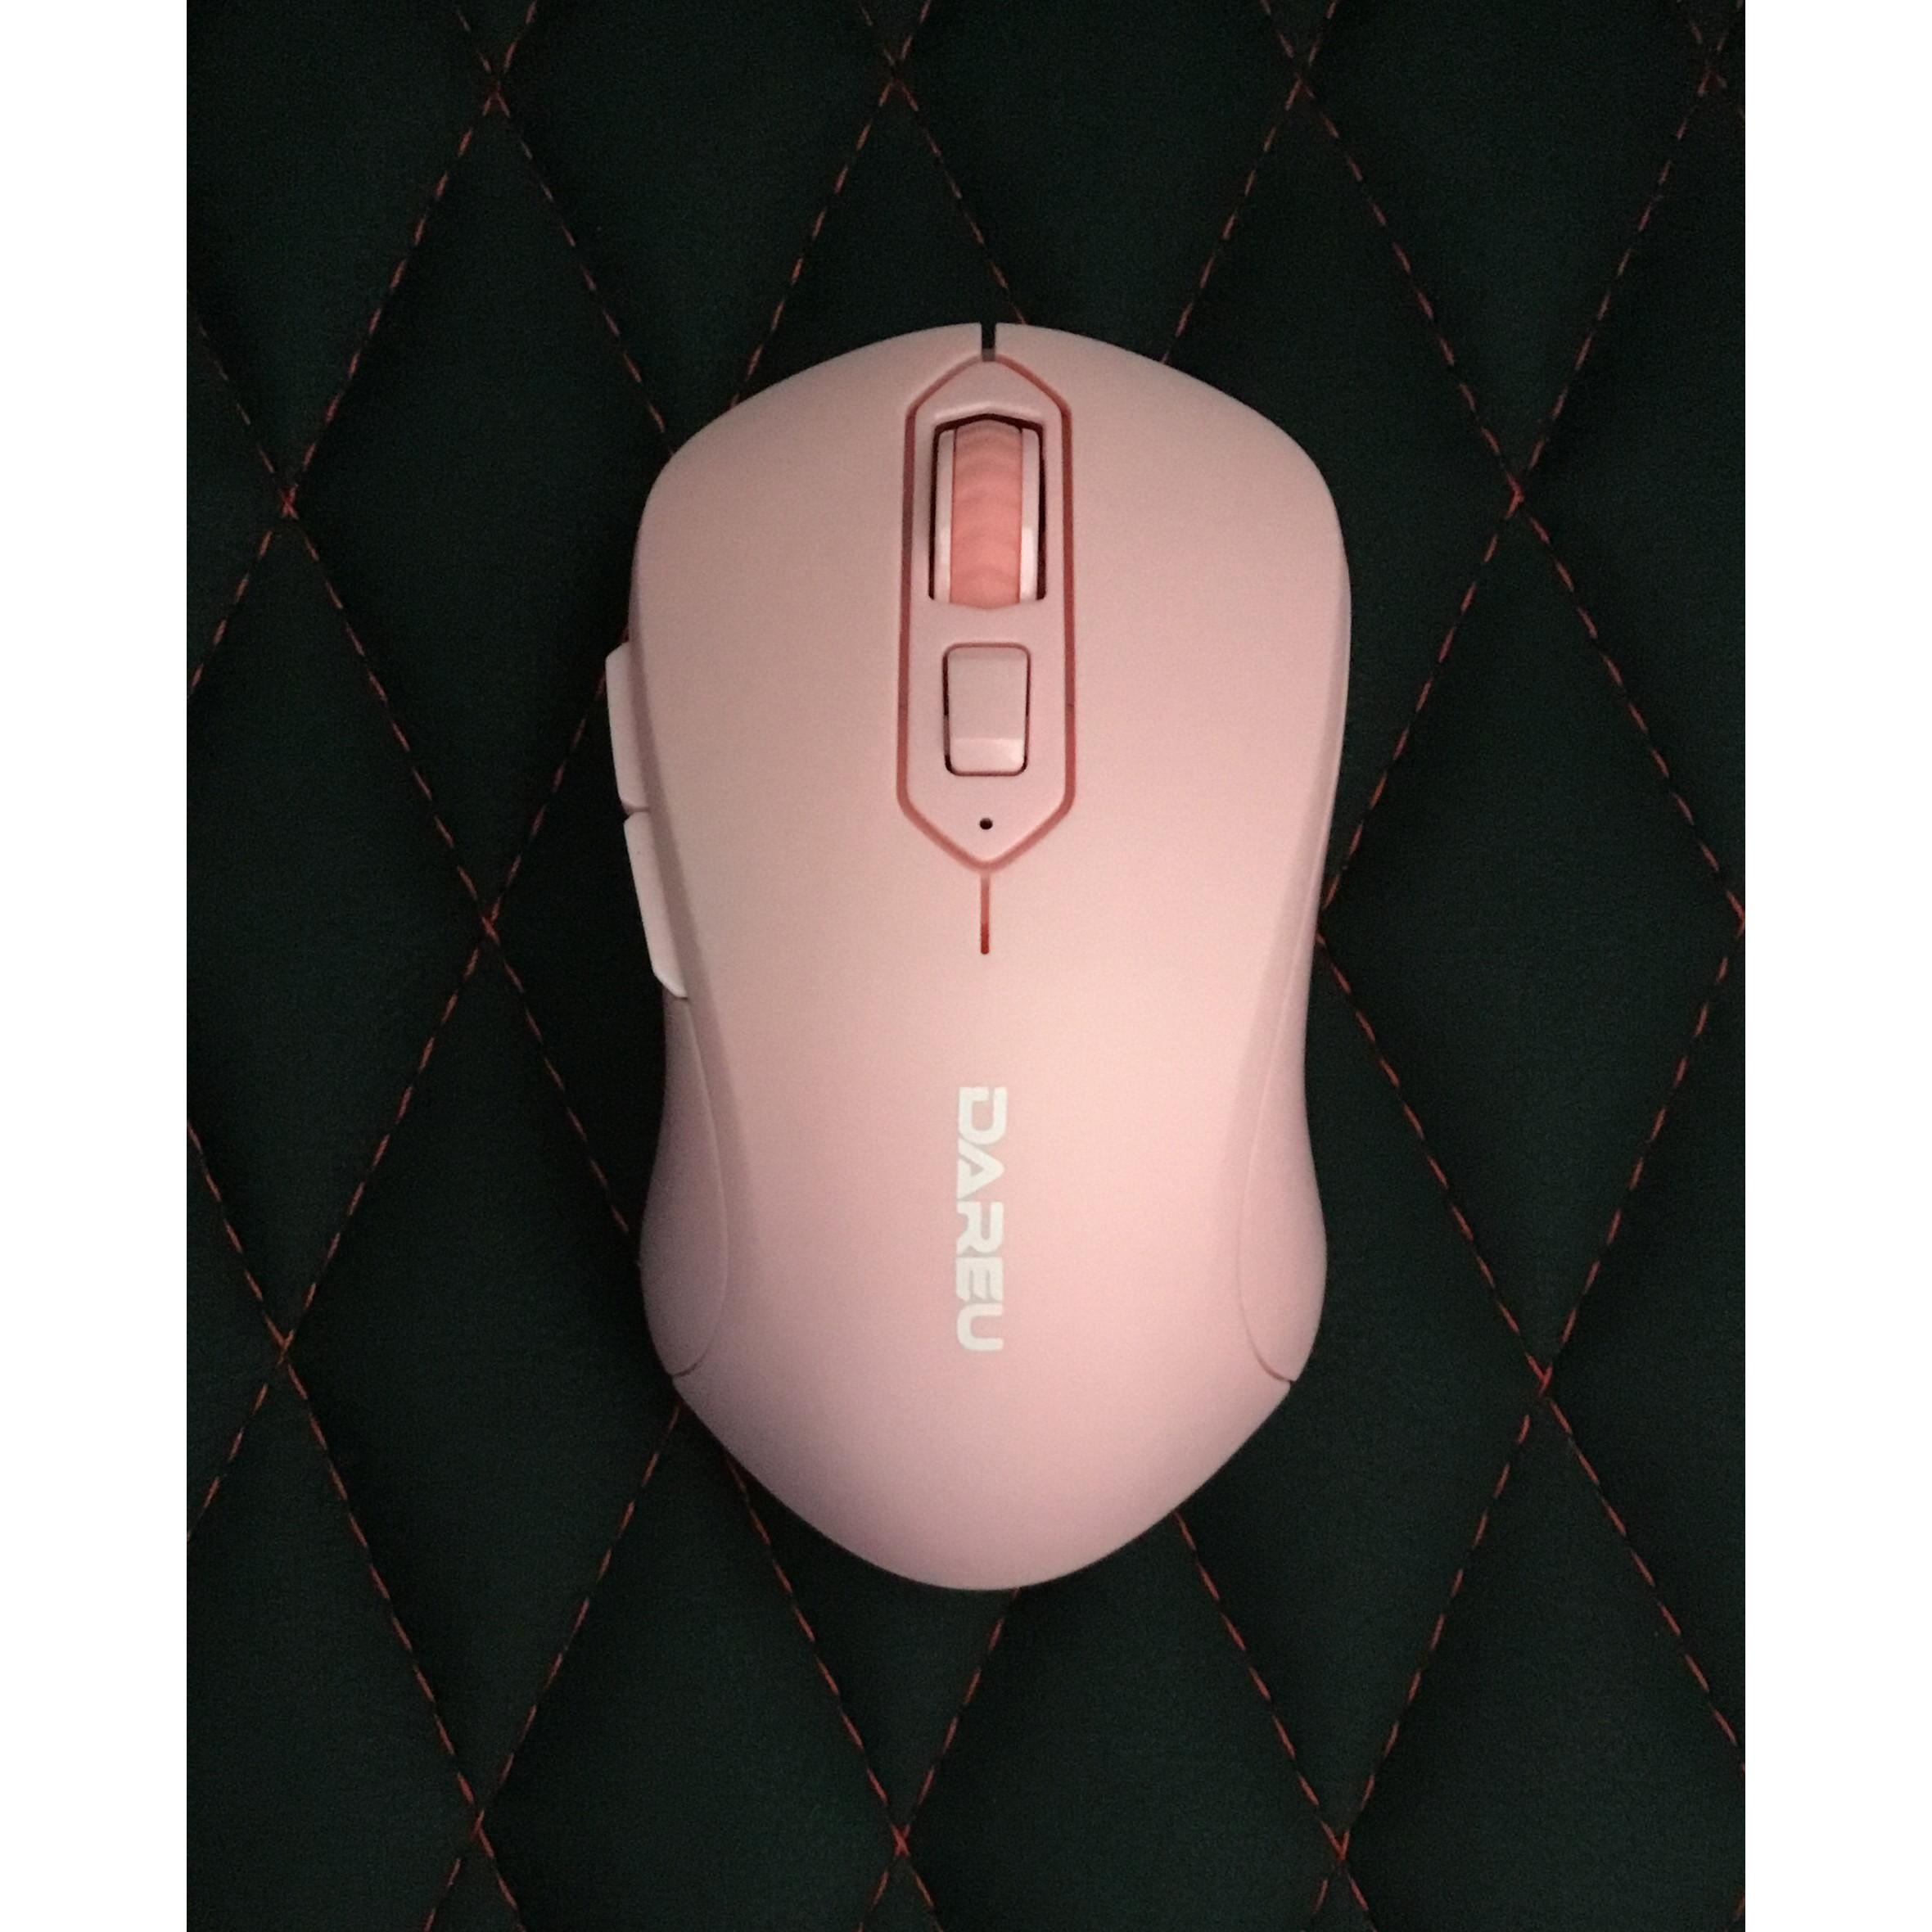 Chuột không dây Dareu LM115G Multi-Color Pink - Hàng chính hãng